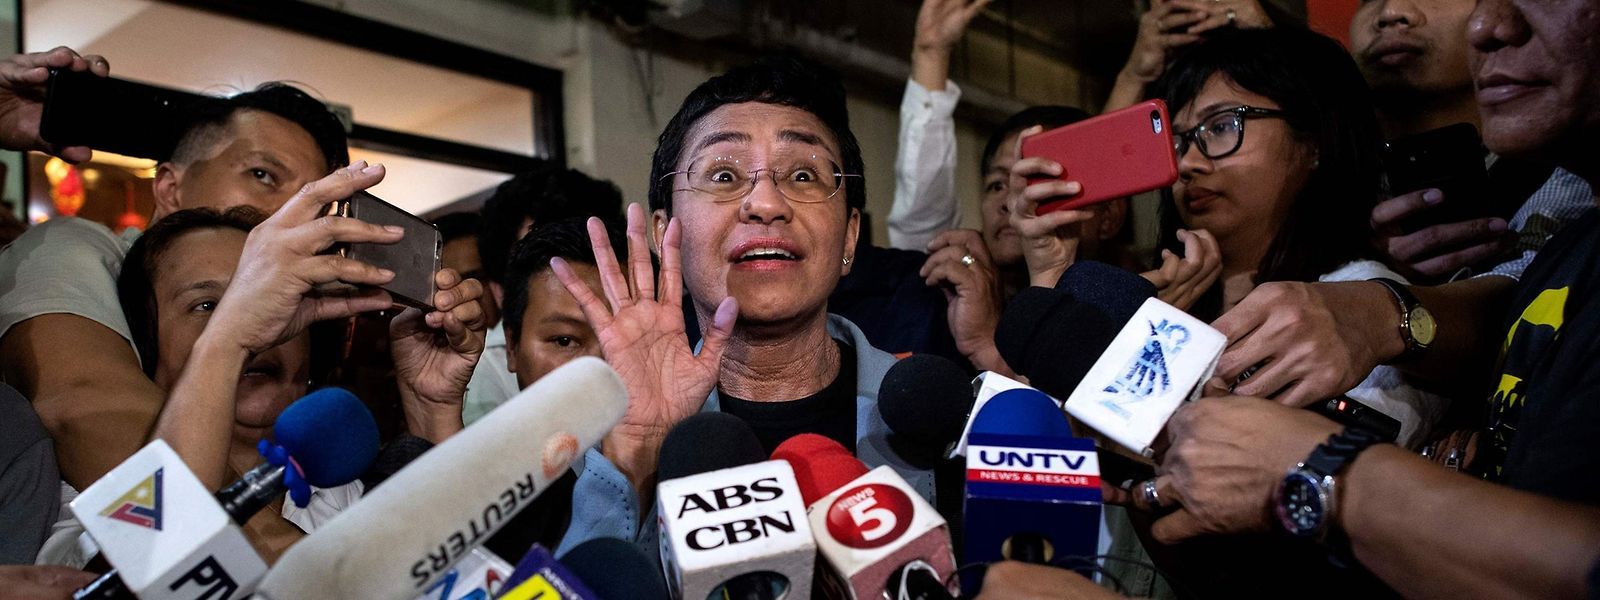 Die regierungskritische philippinische Journalistin Maria Ressa ist in einem Verleumdungsprozess zu einer Freiheitsstrafe verurteilt worden. E